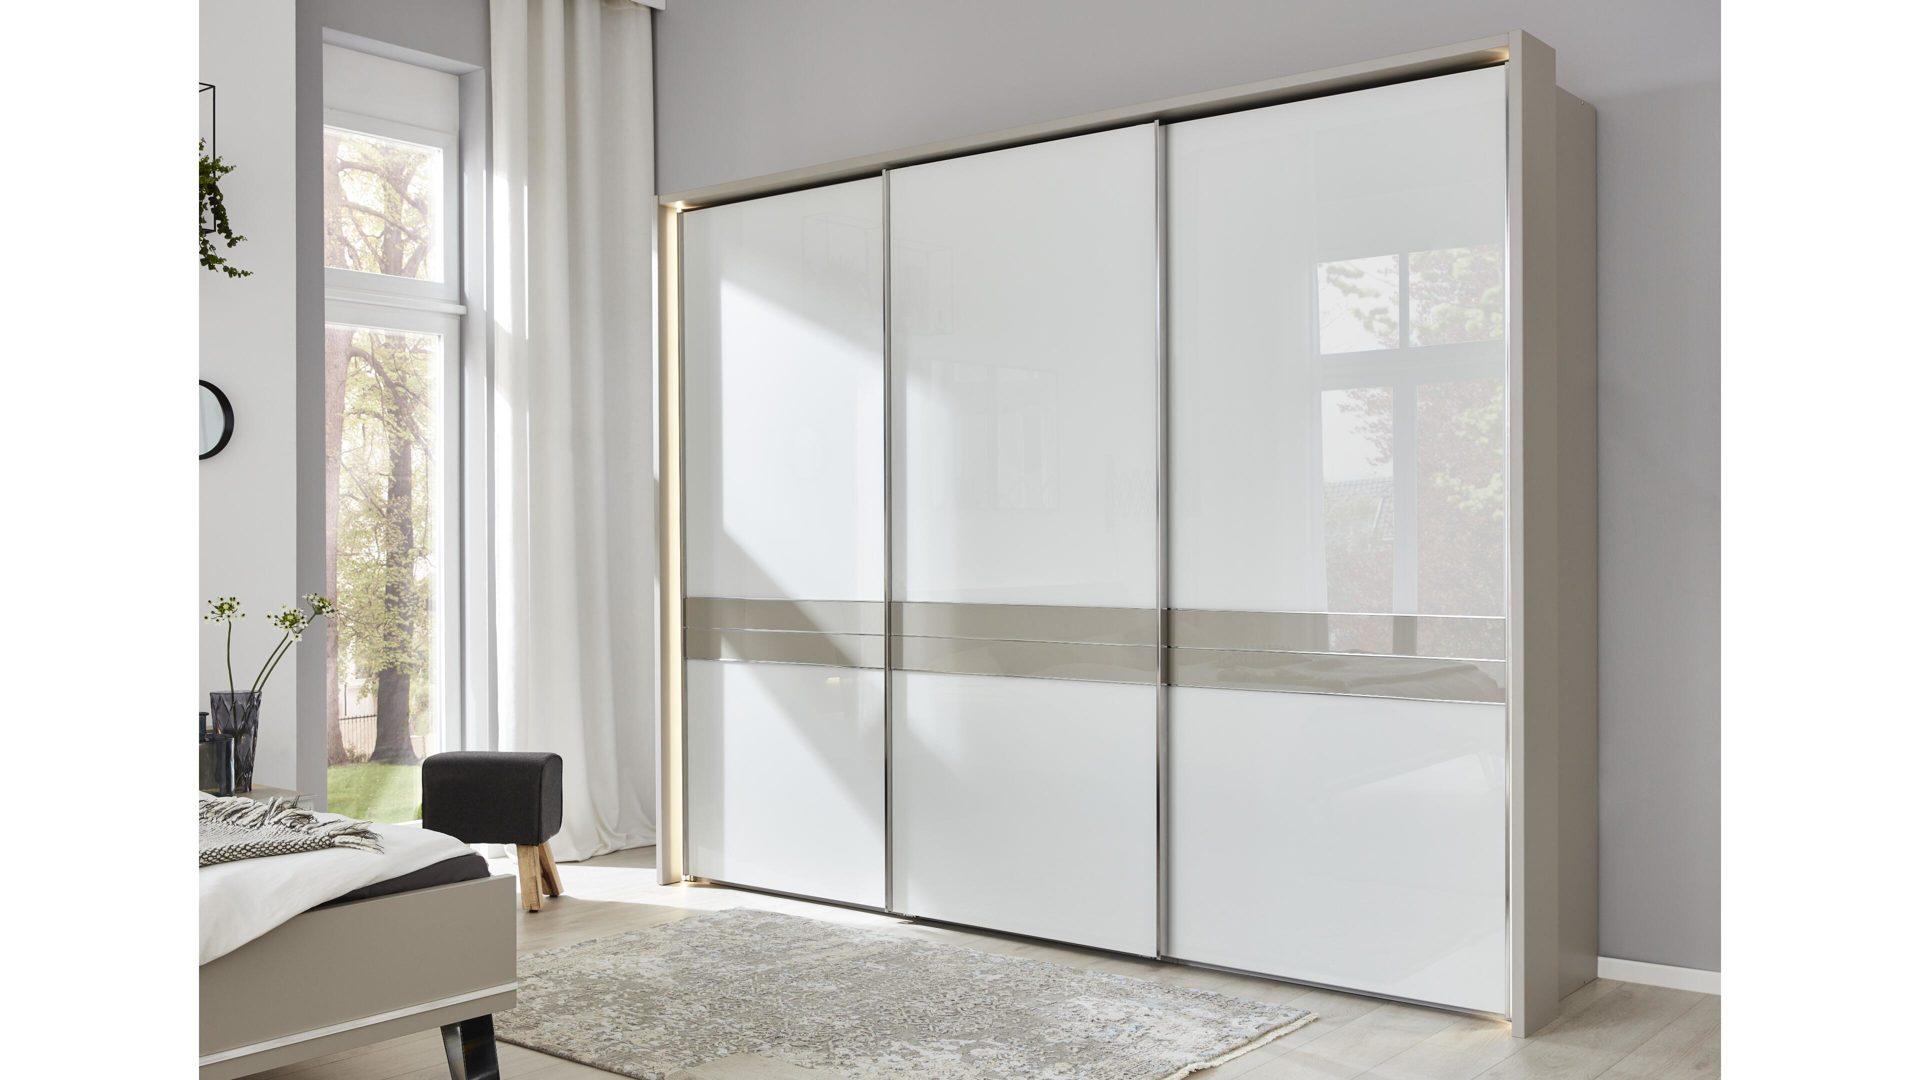 Interliving Schlafzimmer Serie 1009 – Schwebetürenschrank, weiße ...